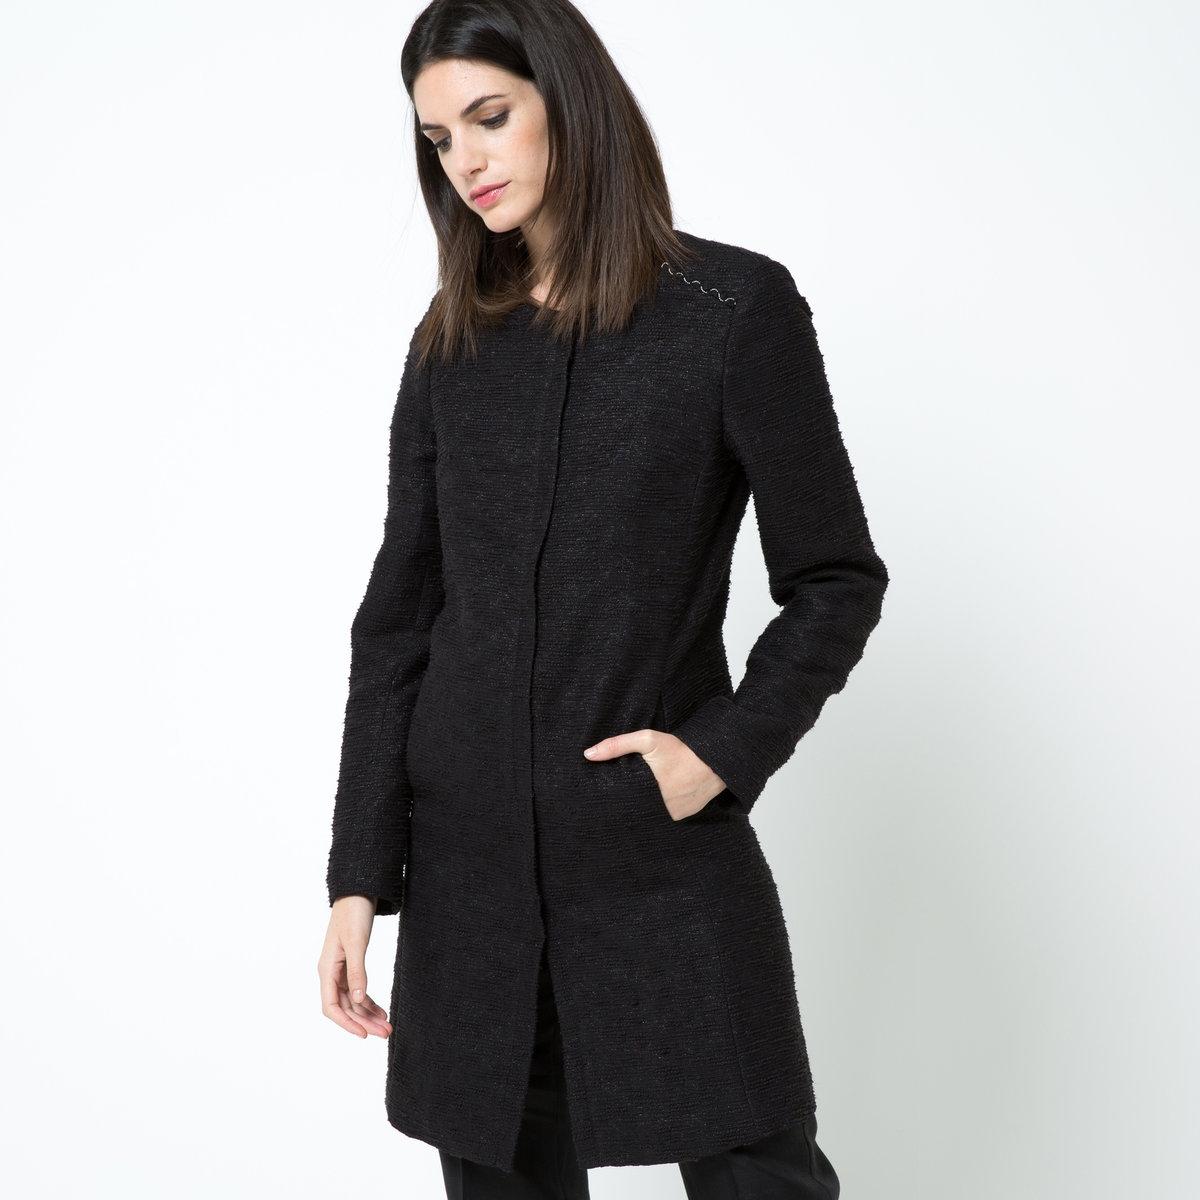 Пальто летнее из твидаЛетнее пальто без воротника, 62% хлопка, 38% полиэстера. Плетеные вставки с серебристыми цепочками на плечах. Супатная застежка на молнию. Карманы в боковых швах. Шлица сзади. Жаккардовая подкладка из 100% полиэстера. Длина: ок.90 см.<br><br>Цвет: черный<br>Размер: 34 (FR) - 40 (RUS)